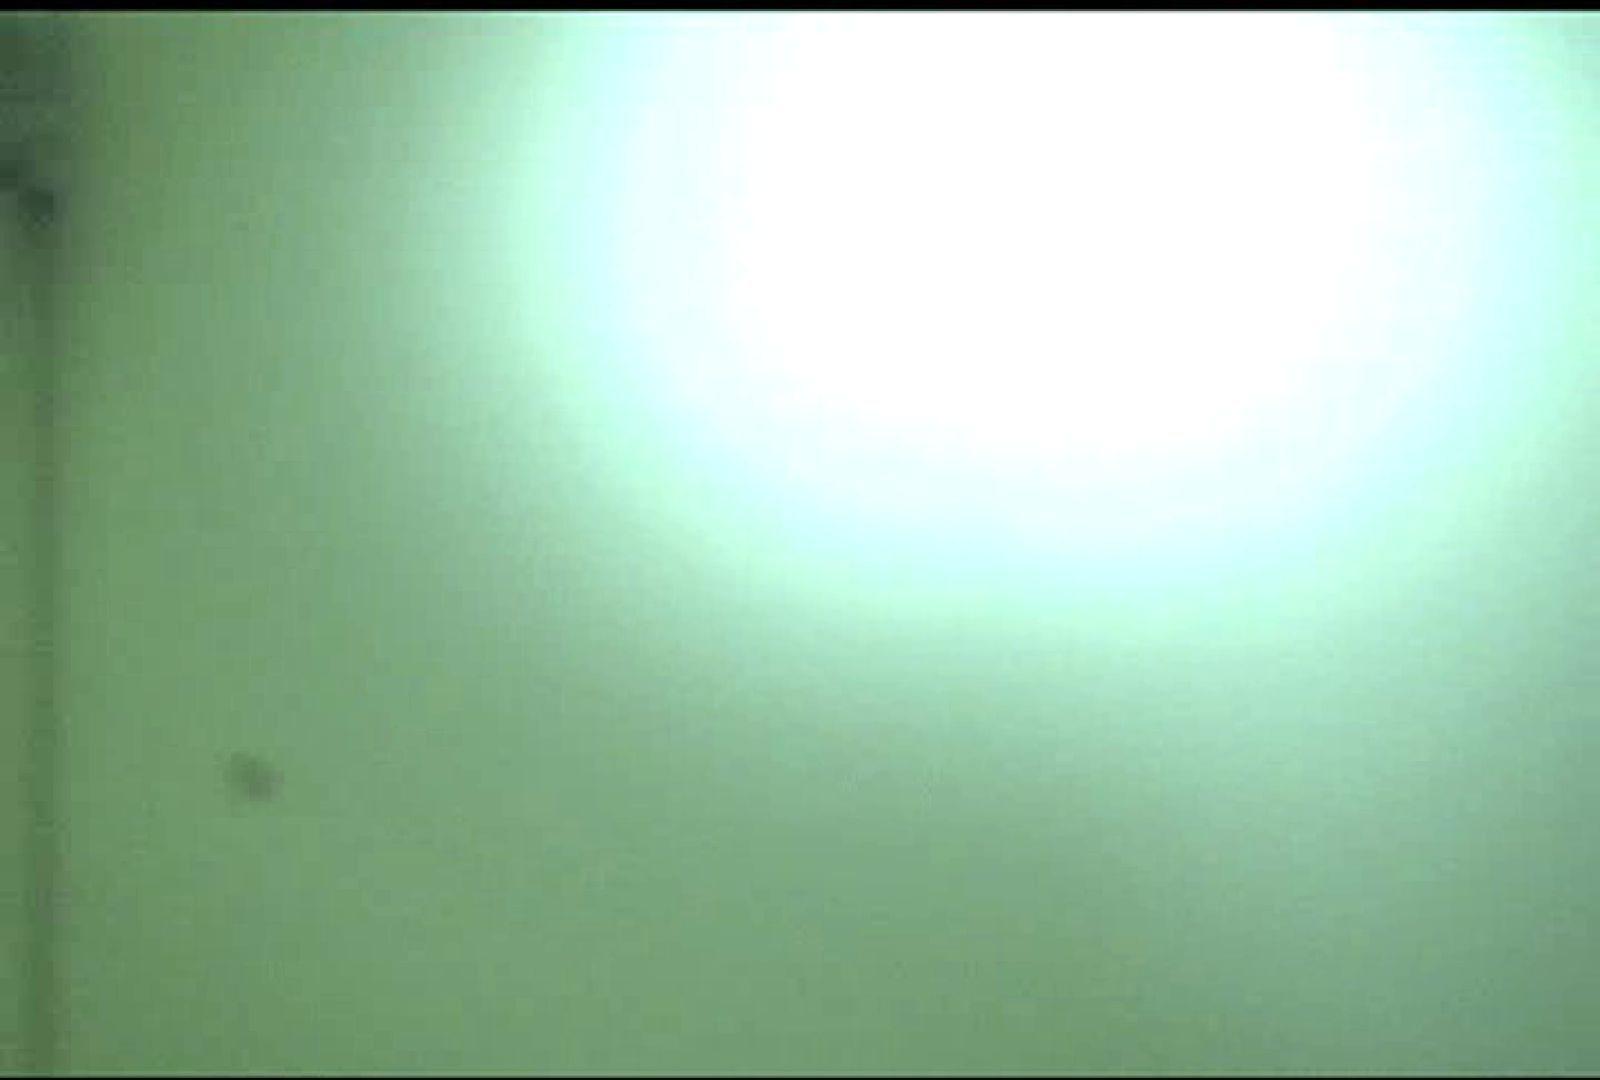 マンコ丸見え女子洗面所Vol.48 丸見え エロ無料画像 73pic 11